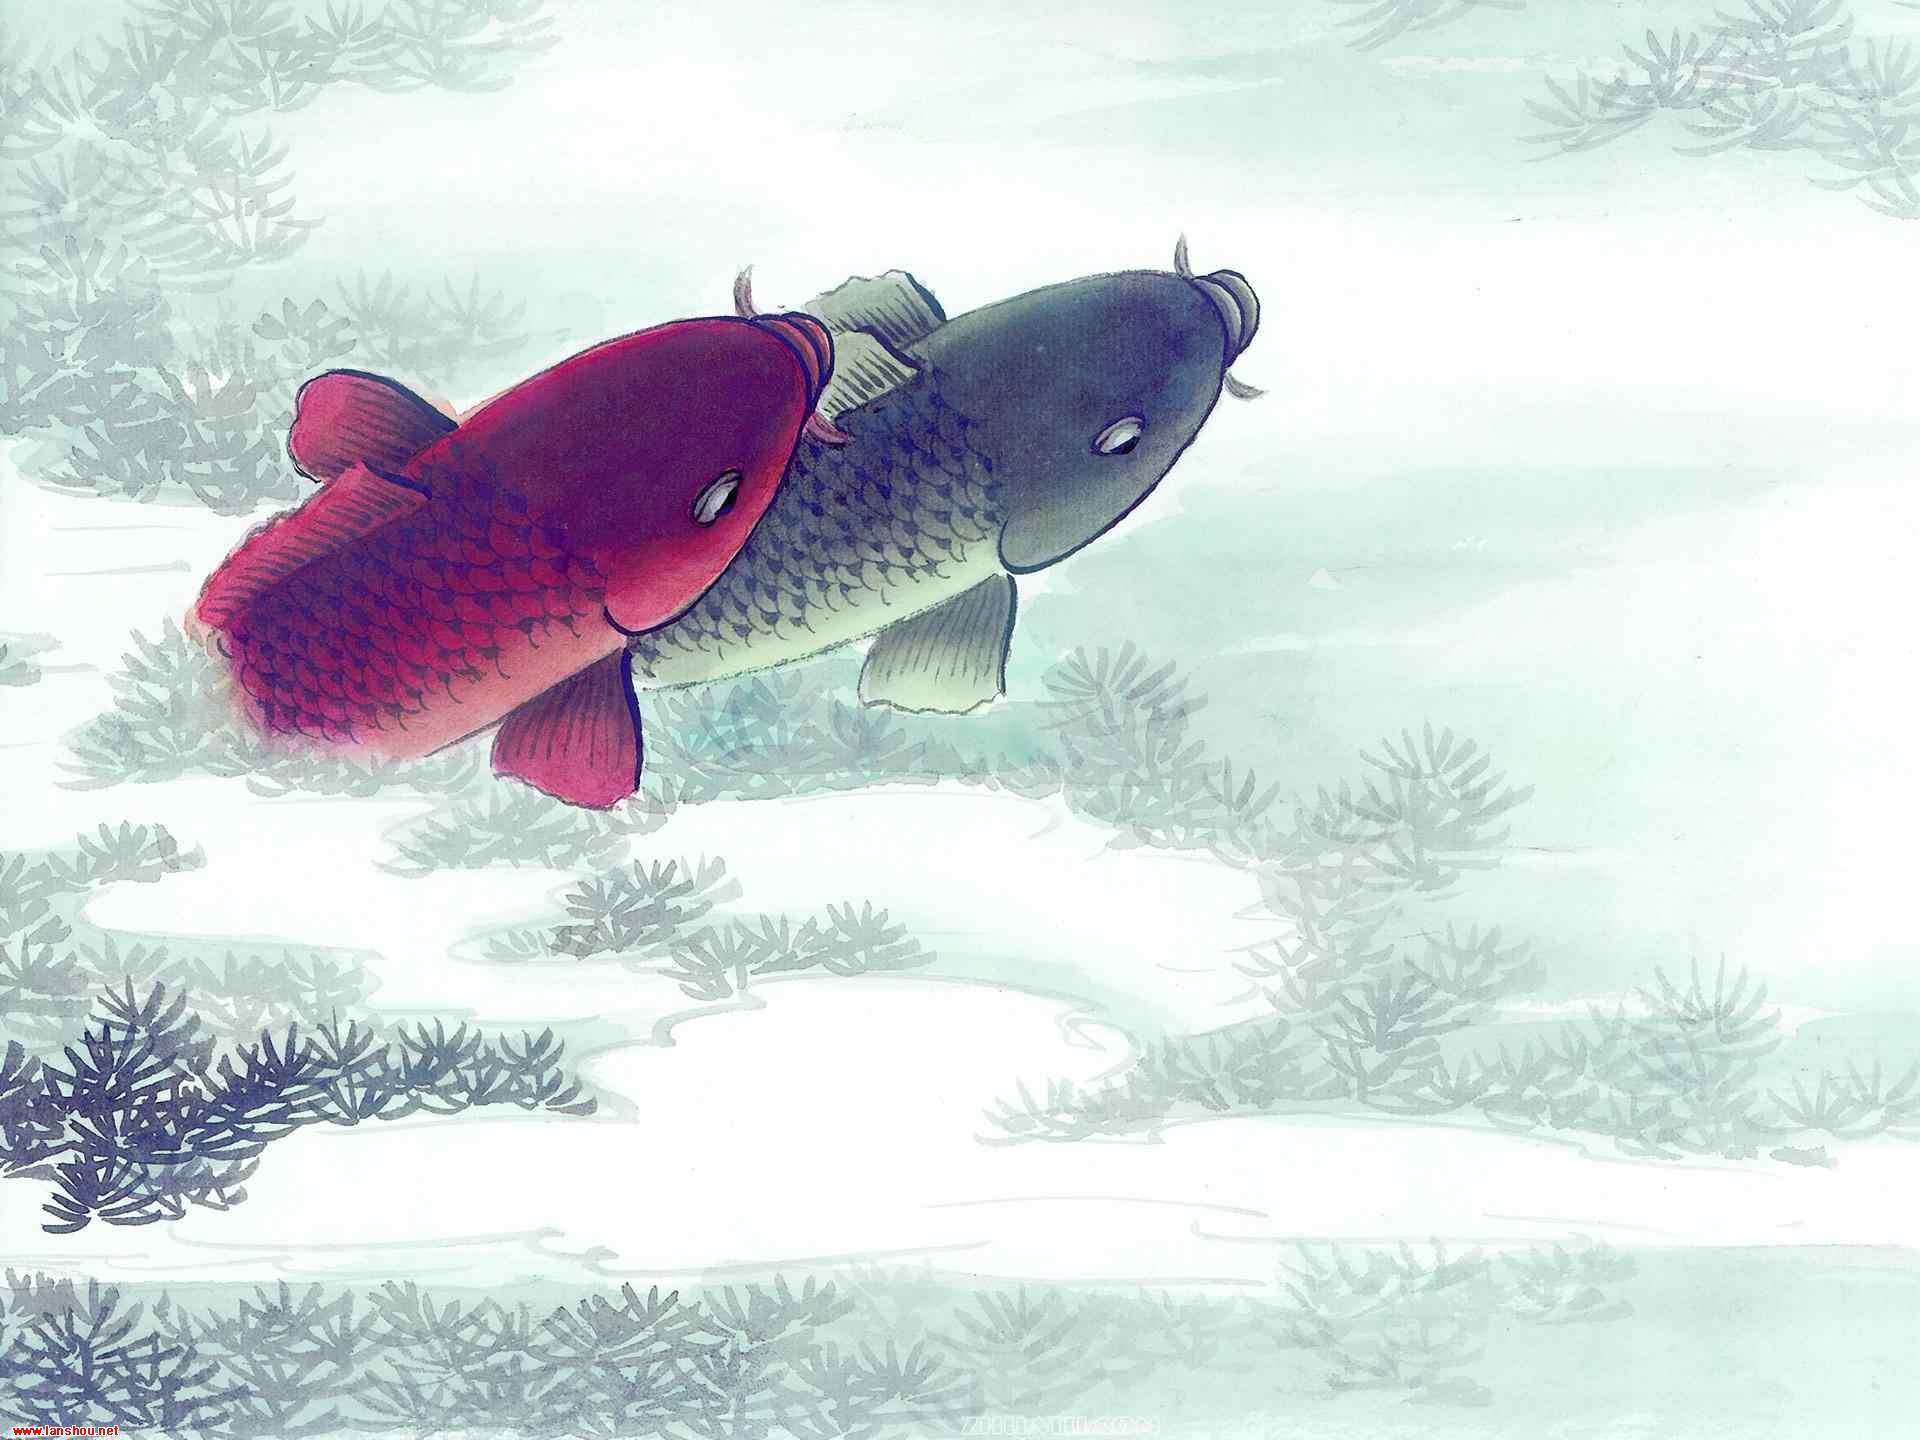 中国水墨画 鱼高清晰壁纸